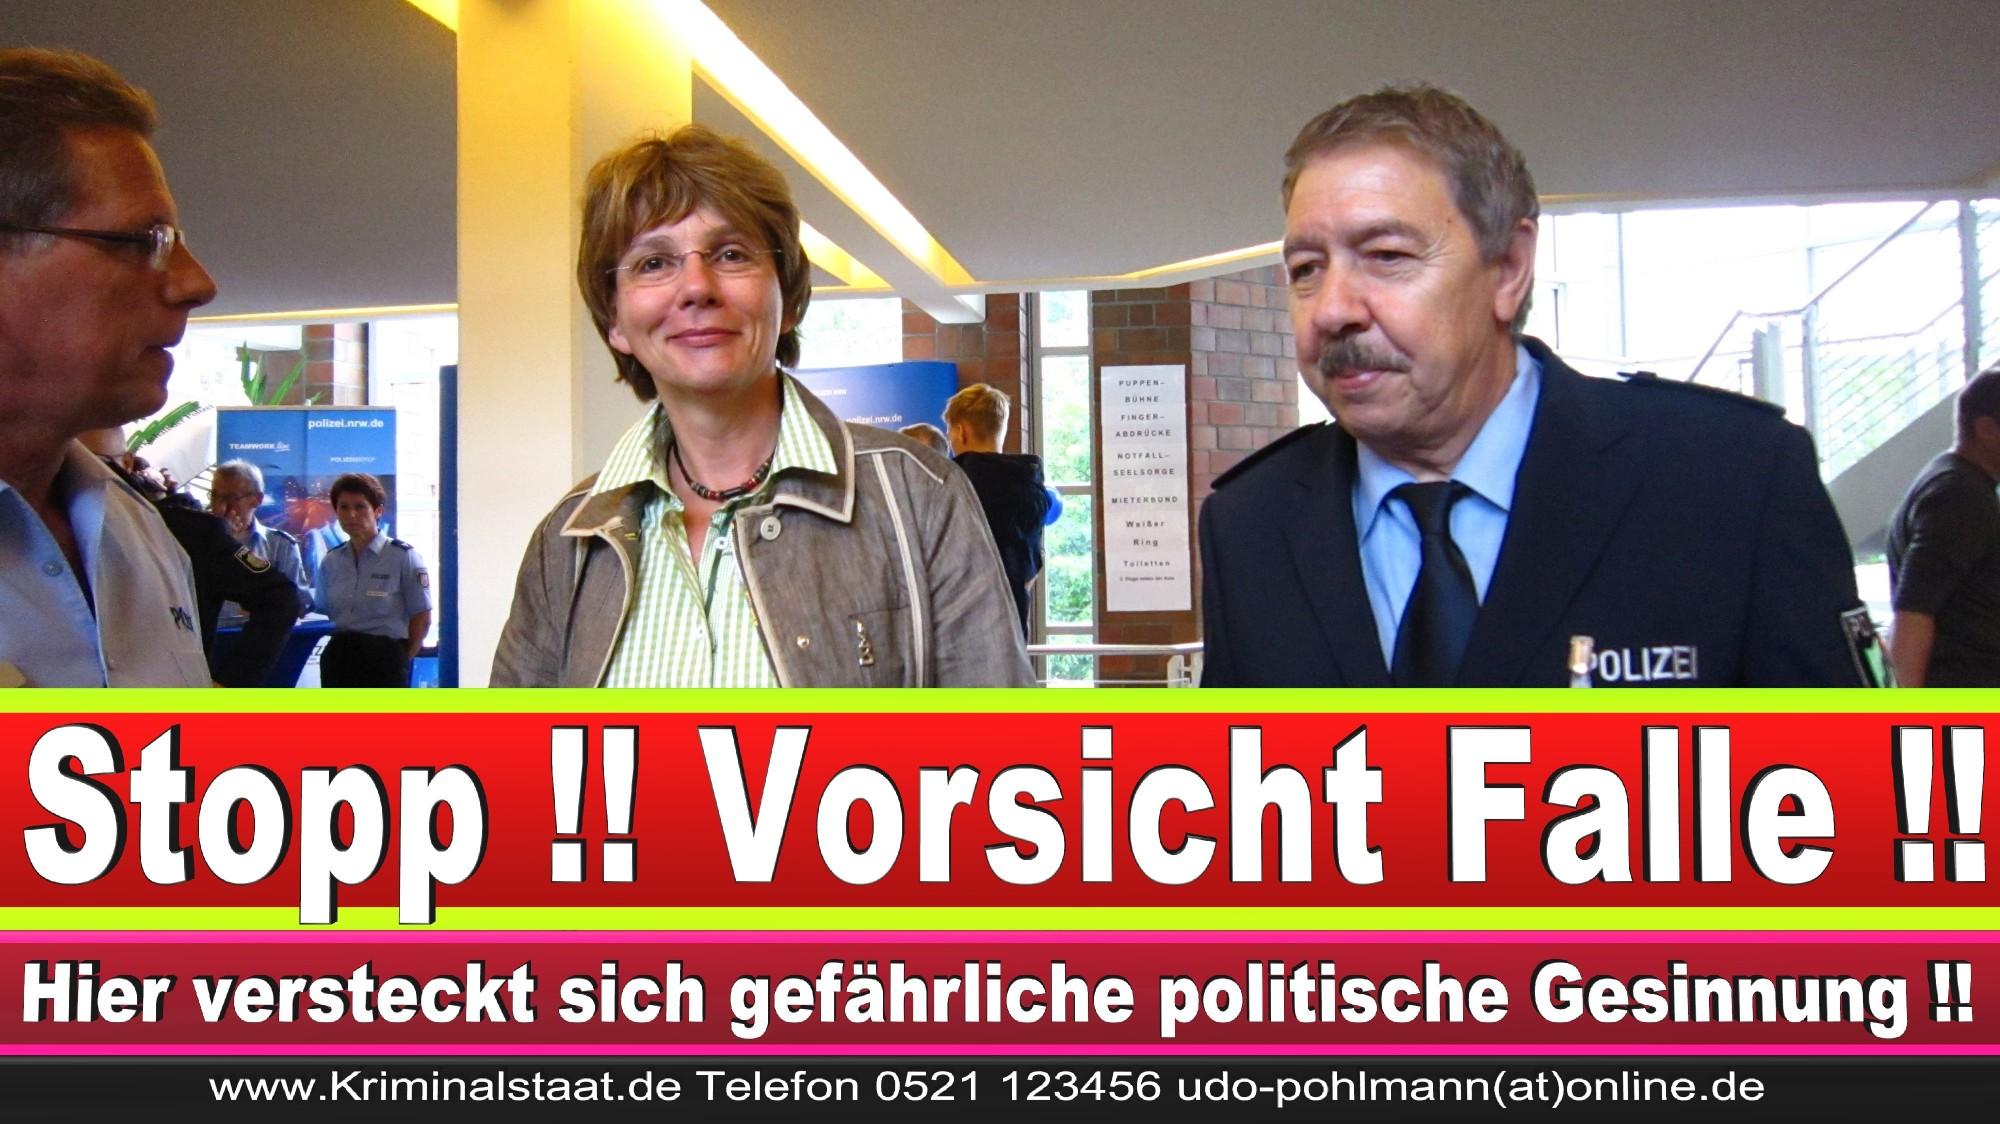 Polizeipräsidentin Katharina Giere Polizei Bielefeld NRW Erwin Südfeld Horst Kruse Polizeiuniform Polizeigewalt DEMONSTRATION Bahnhof (27) 1